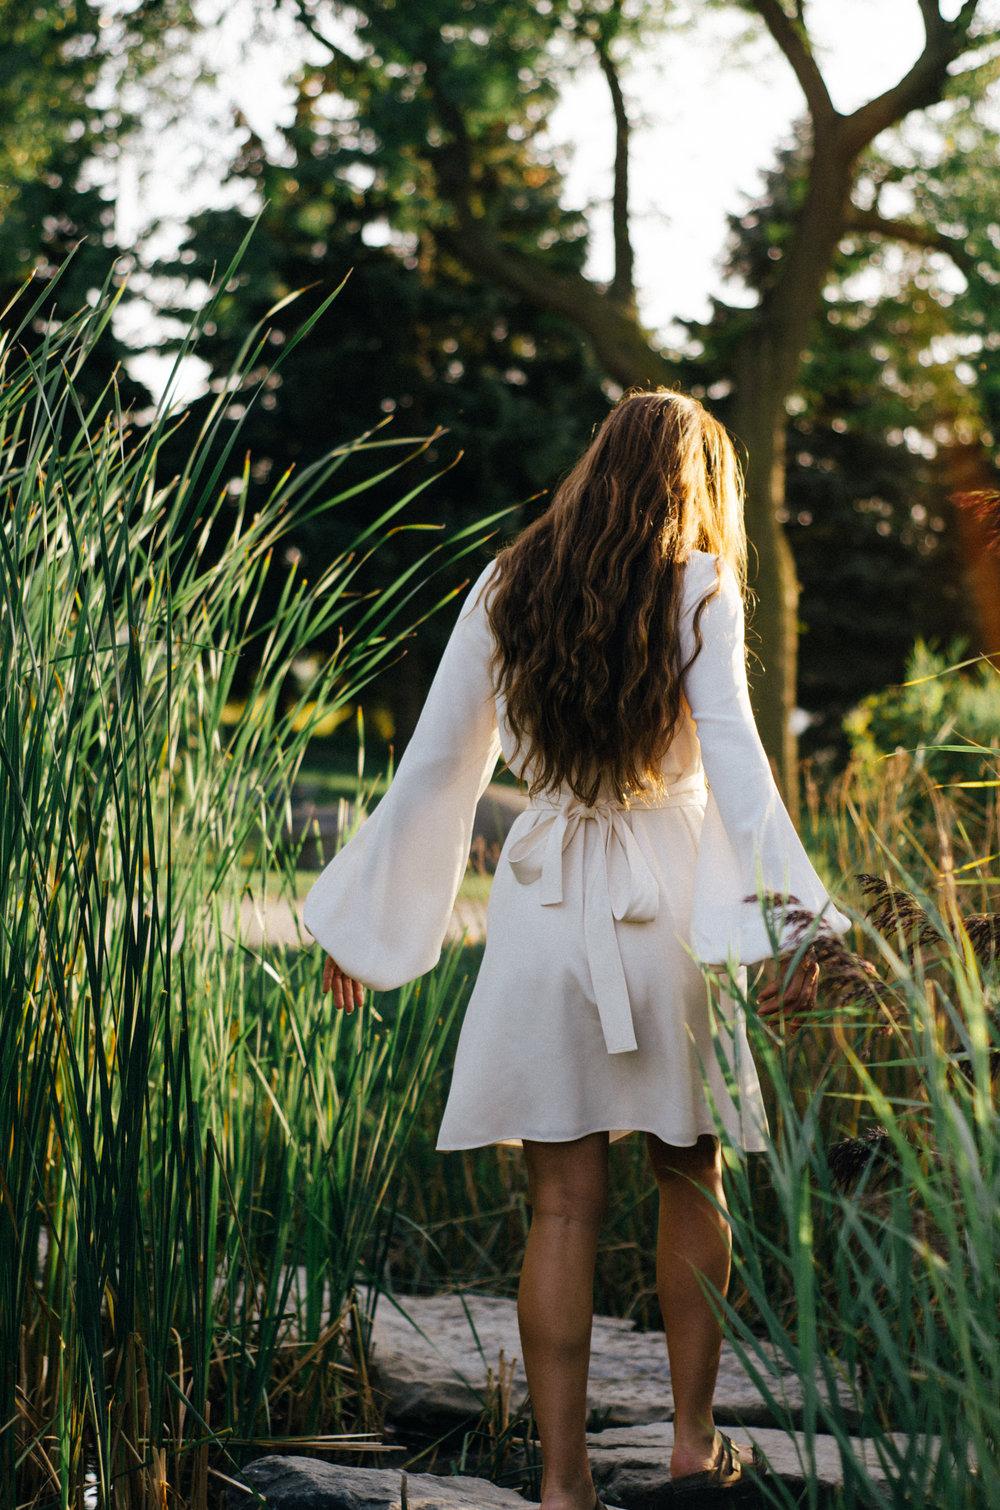 JESSICA POTENZA BY LIANA CARBONE photo-9069.jpg